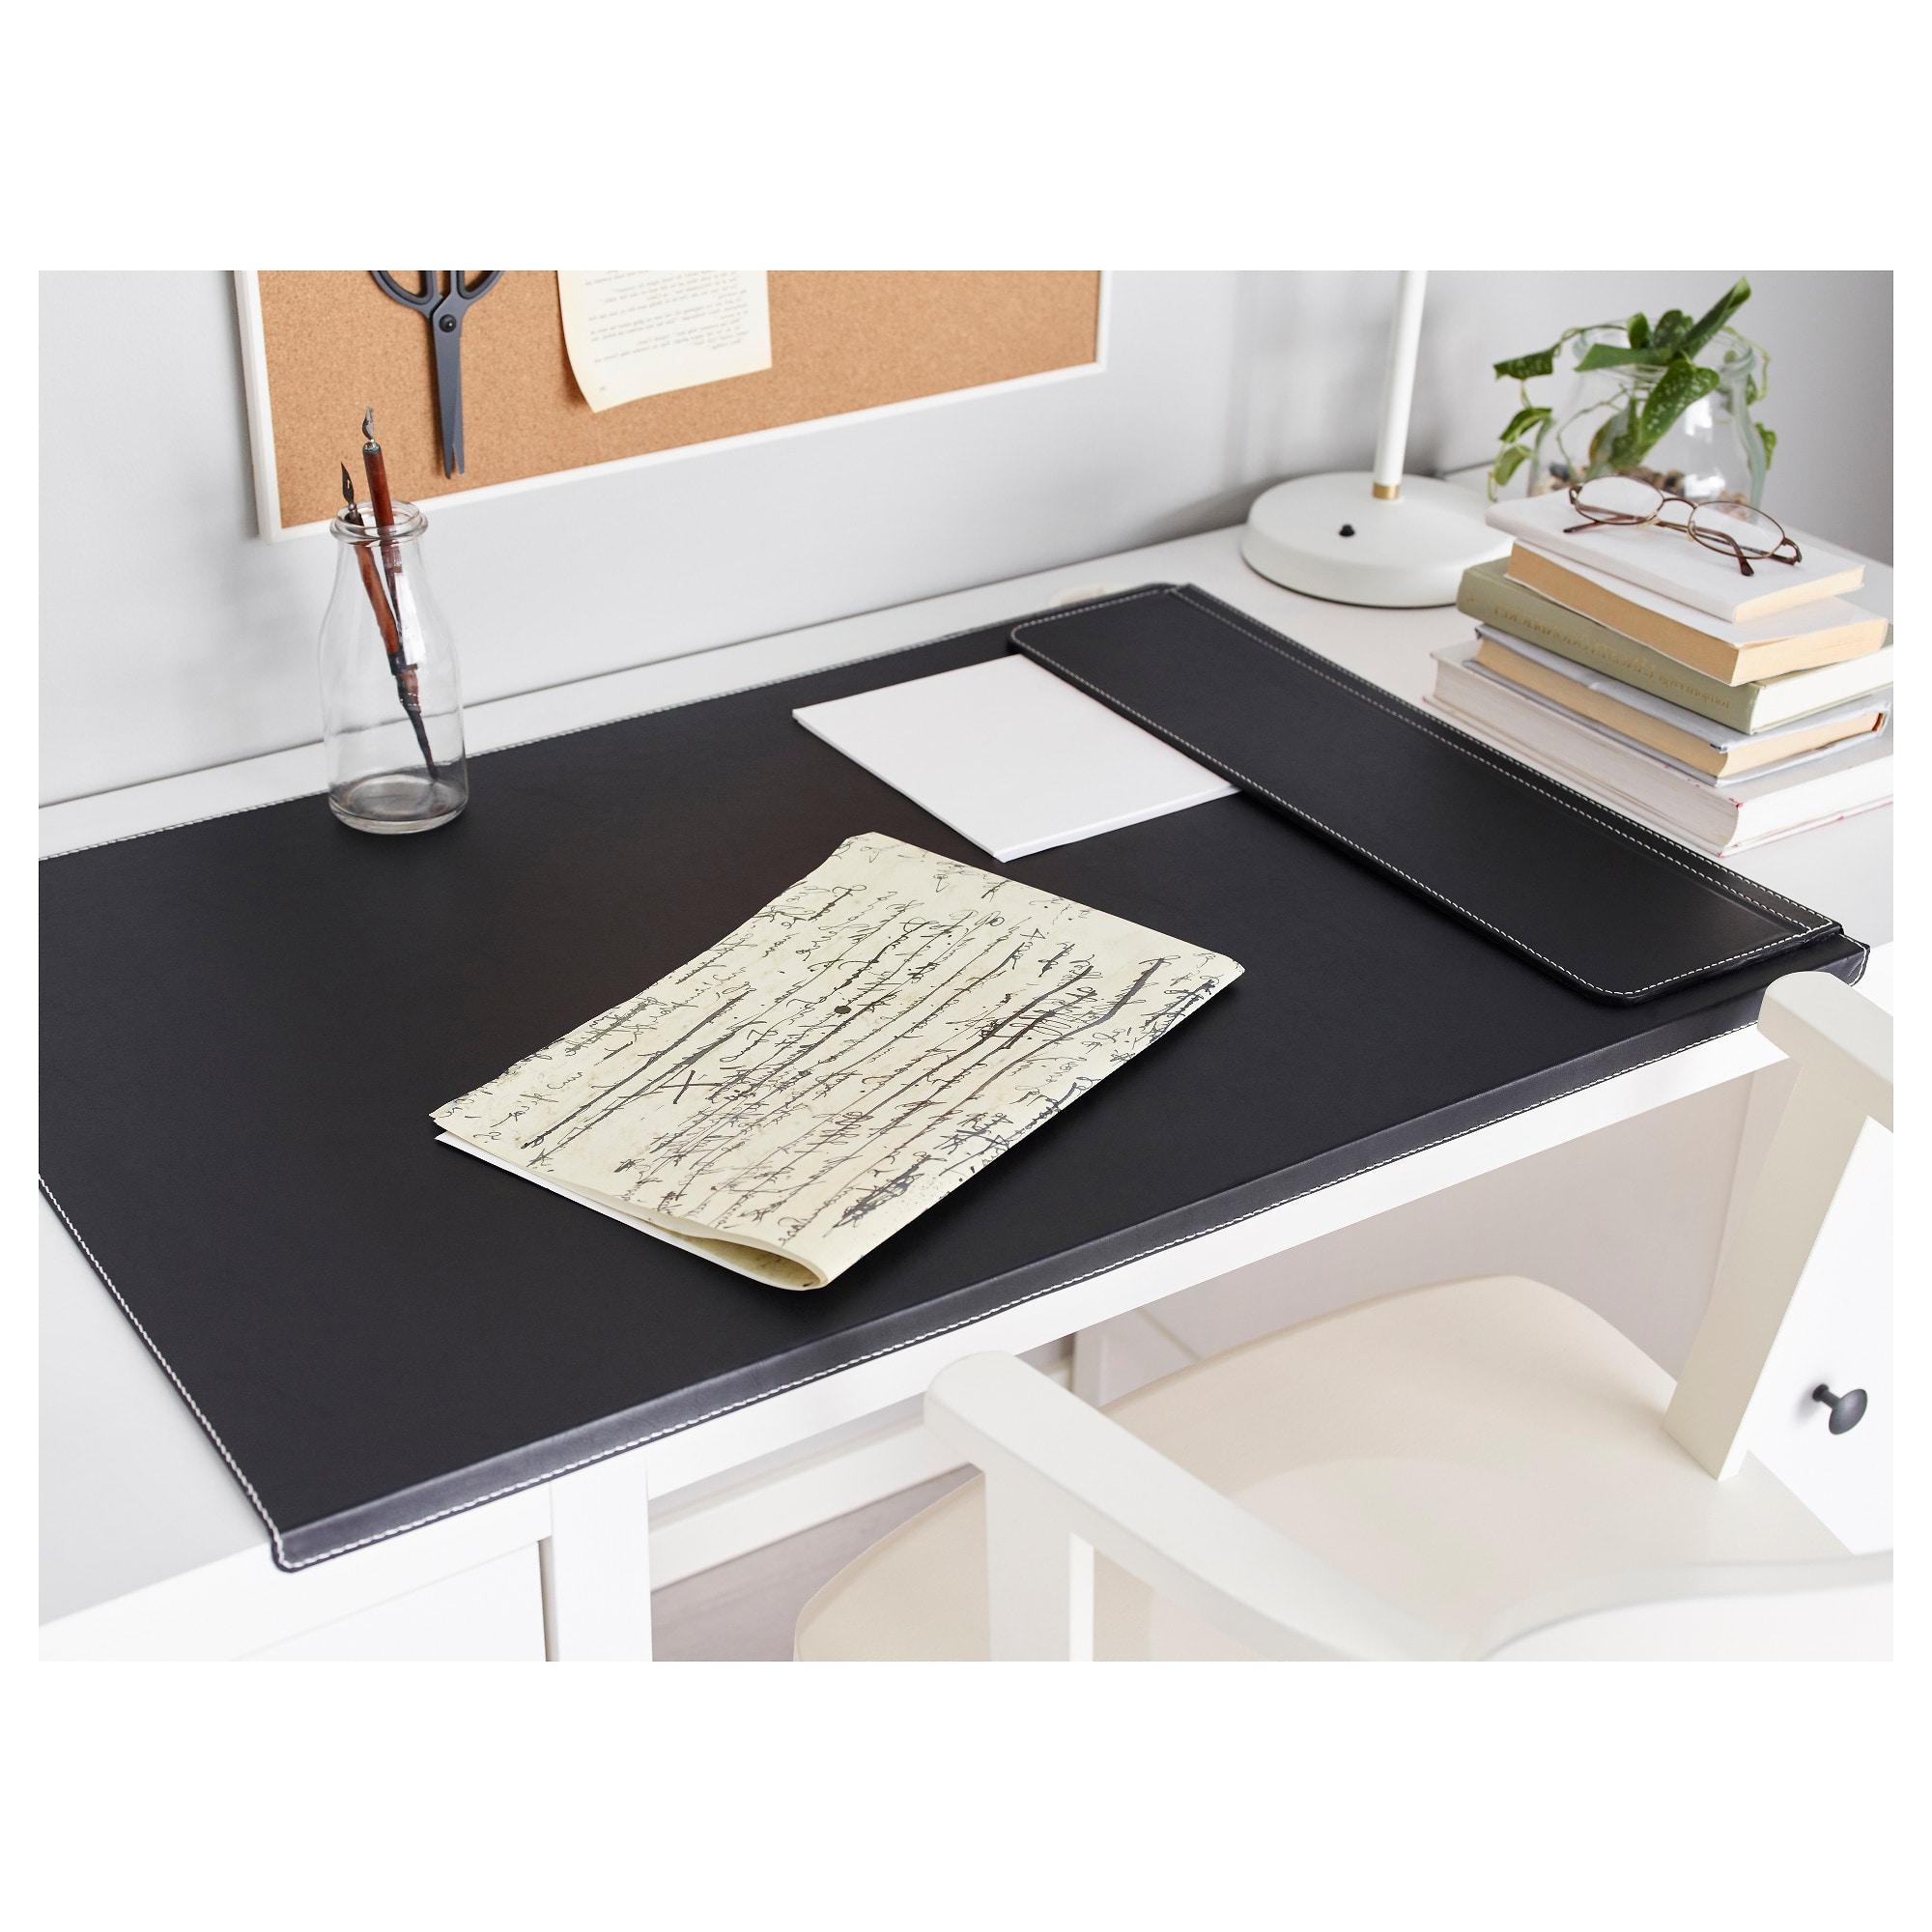 Protector Mesa Ikea Etdg Mesa Cocina Ikea Genial 50 Best Catalogo ...